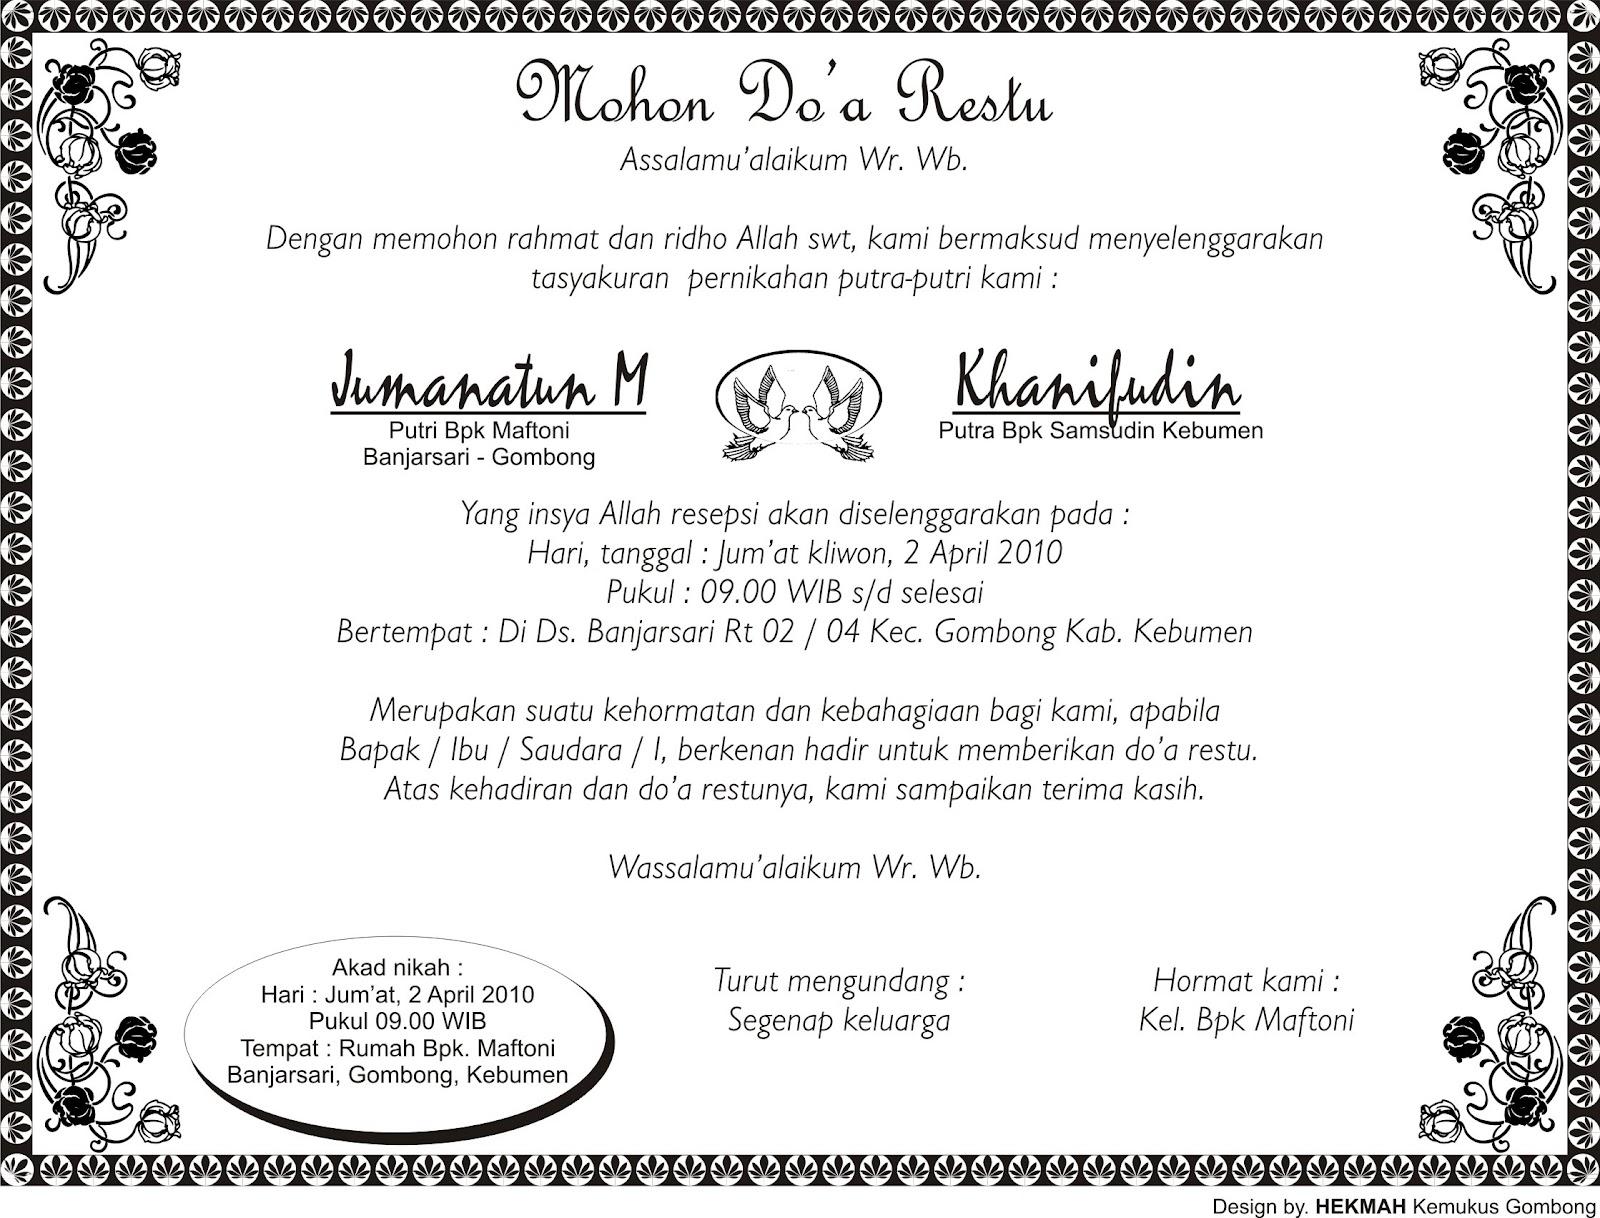 Contoh Ucapan Tasyakuran Pernikahan 2017 Download Gratis